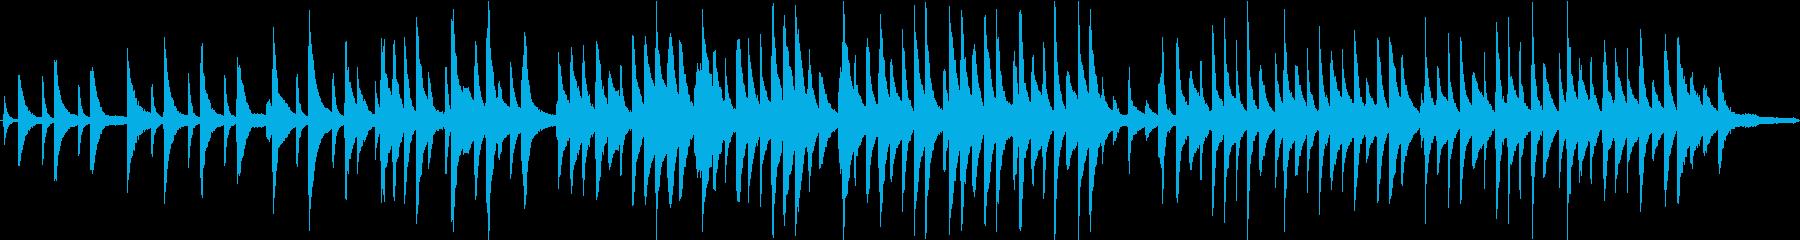 ポエムのような叙情的ピアノソロの再生済みの波形